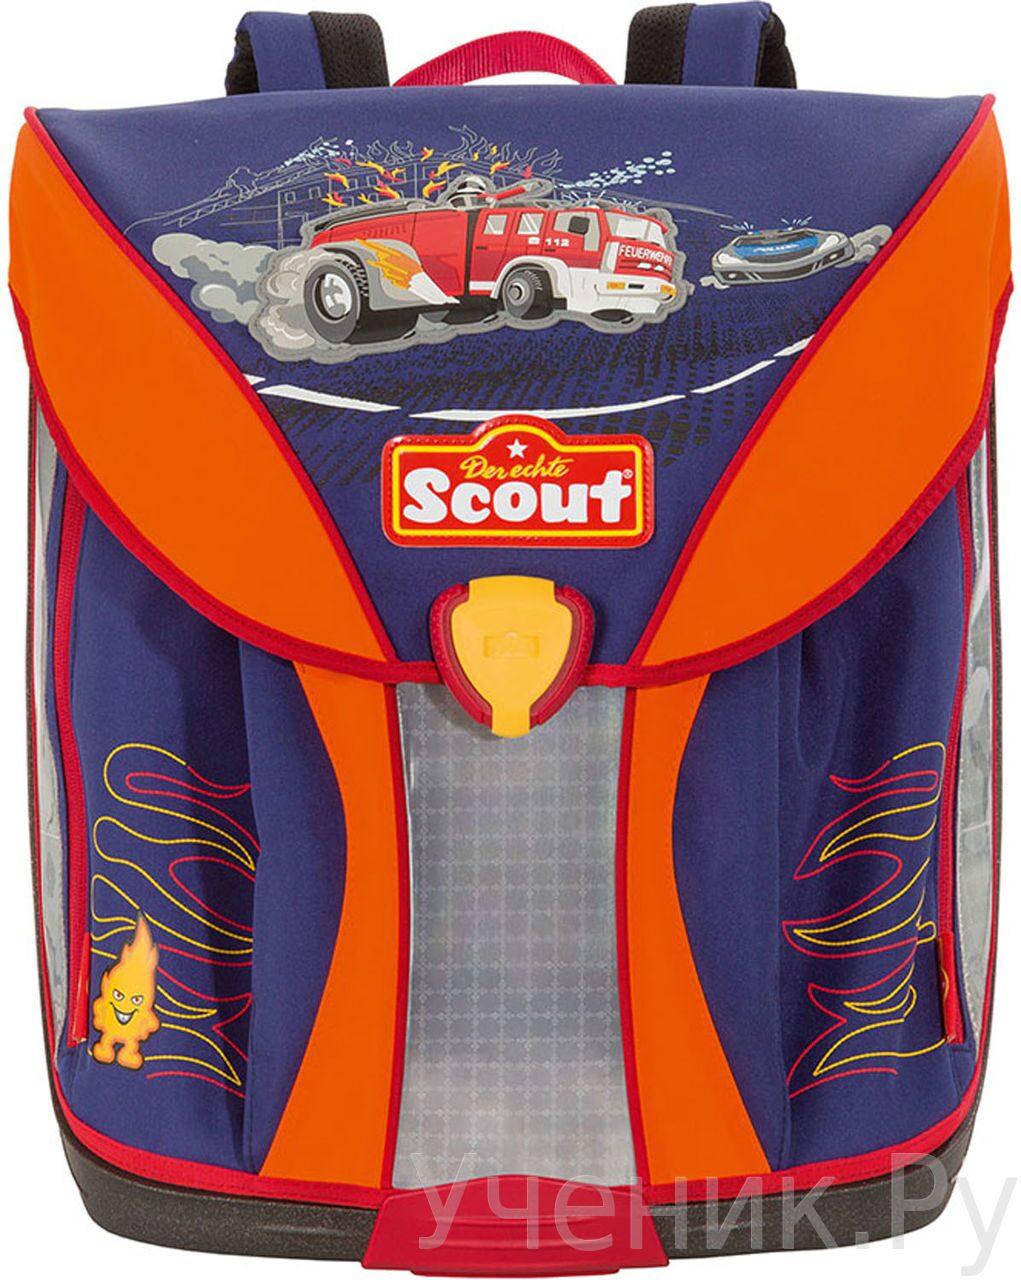 """Ранец школьный Scout модель """"Nano"""" FEUERWEHRF с наполнением Scout (Германия) 715007-961"""